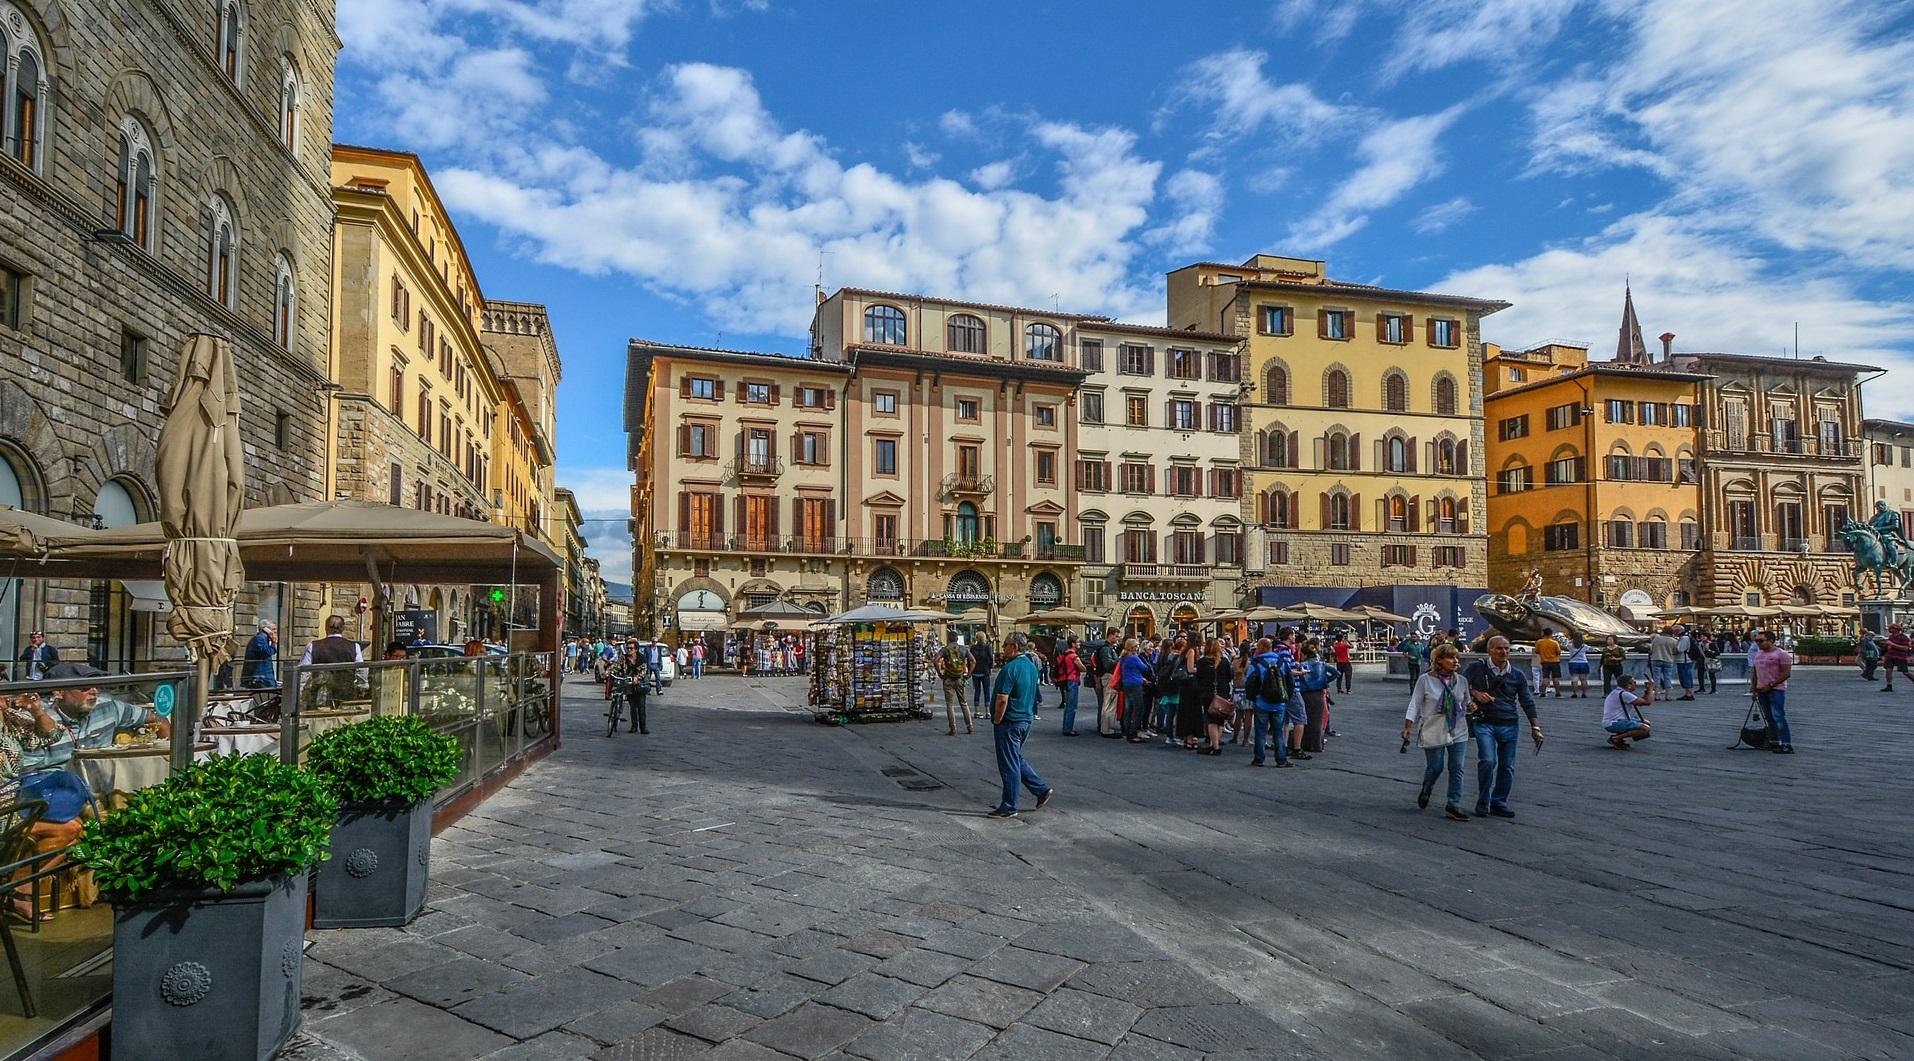 cf95cf2d98b8 Туристам запретили есть в центре одного из городов Италии (1.04 22)